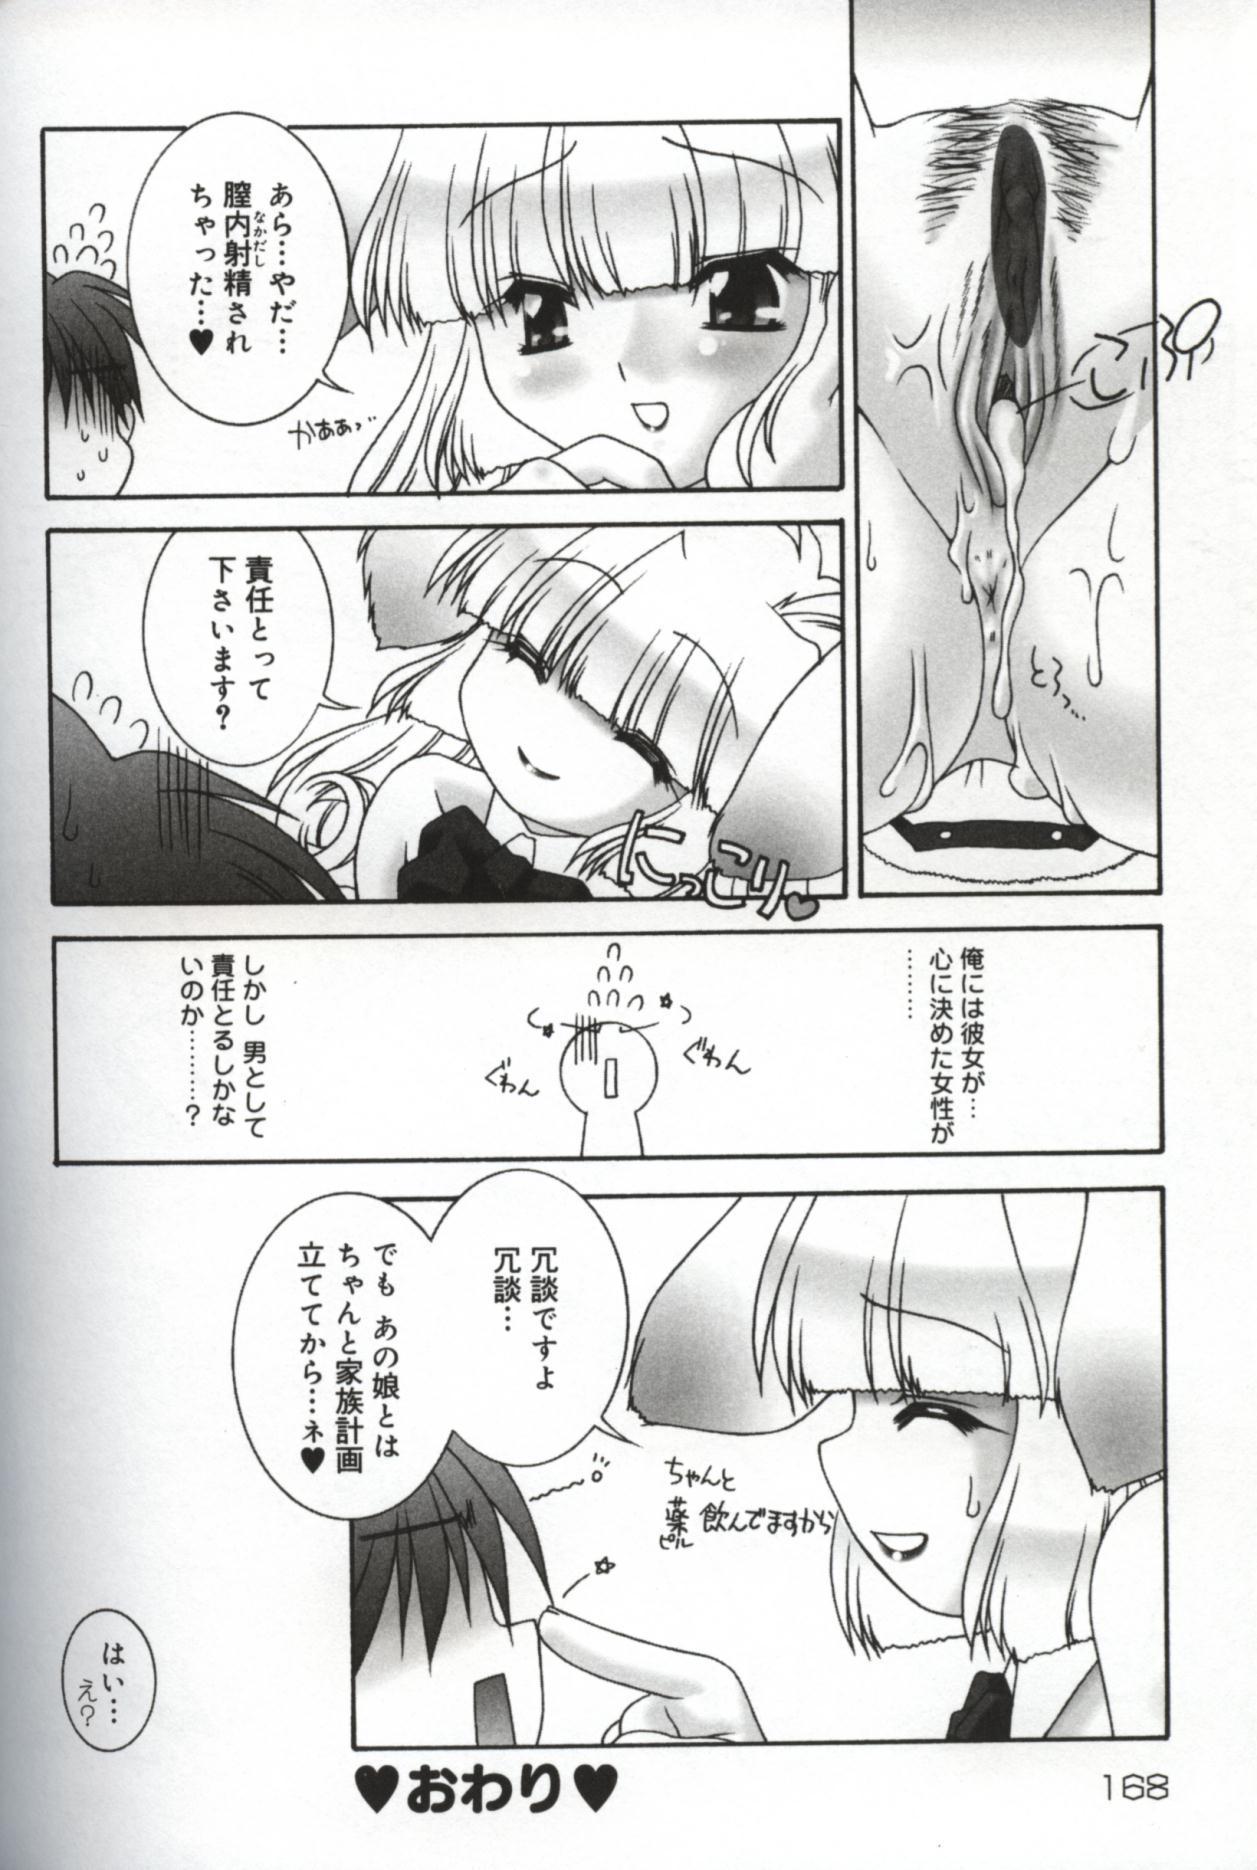 Hatsujou ♡ Oneesama 168